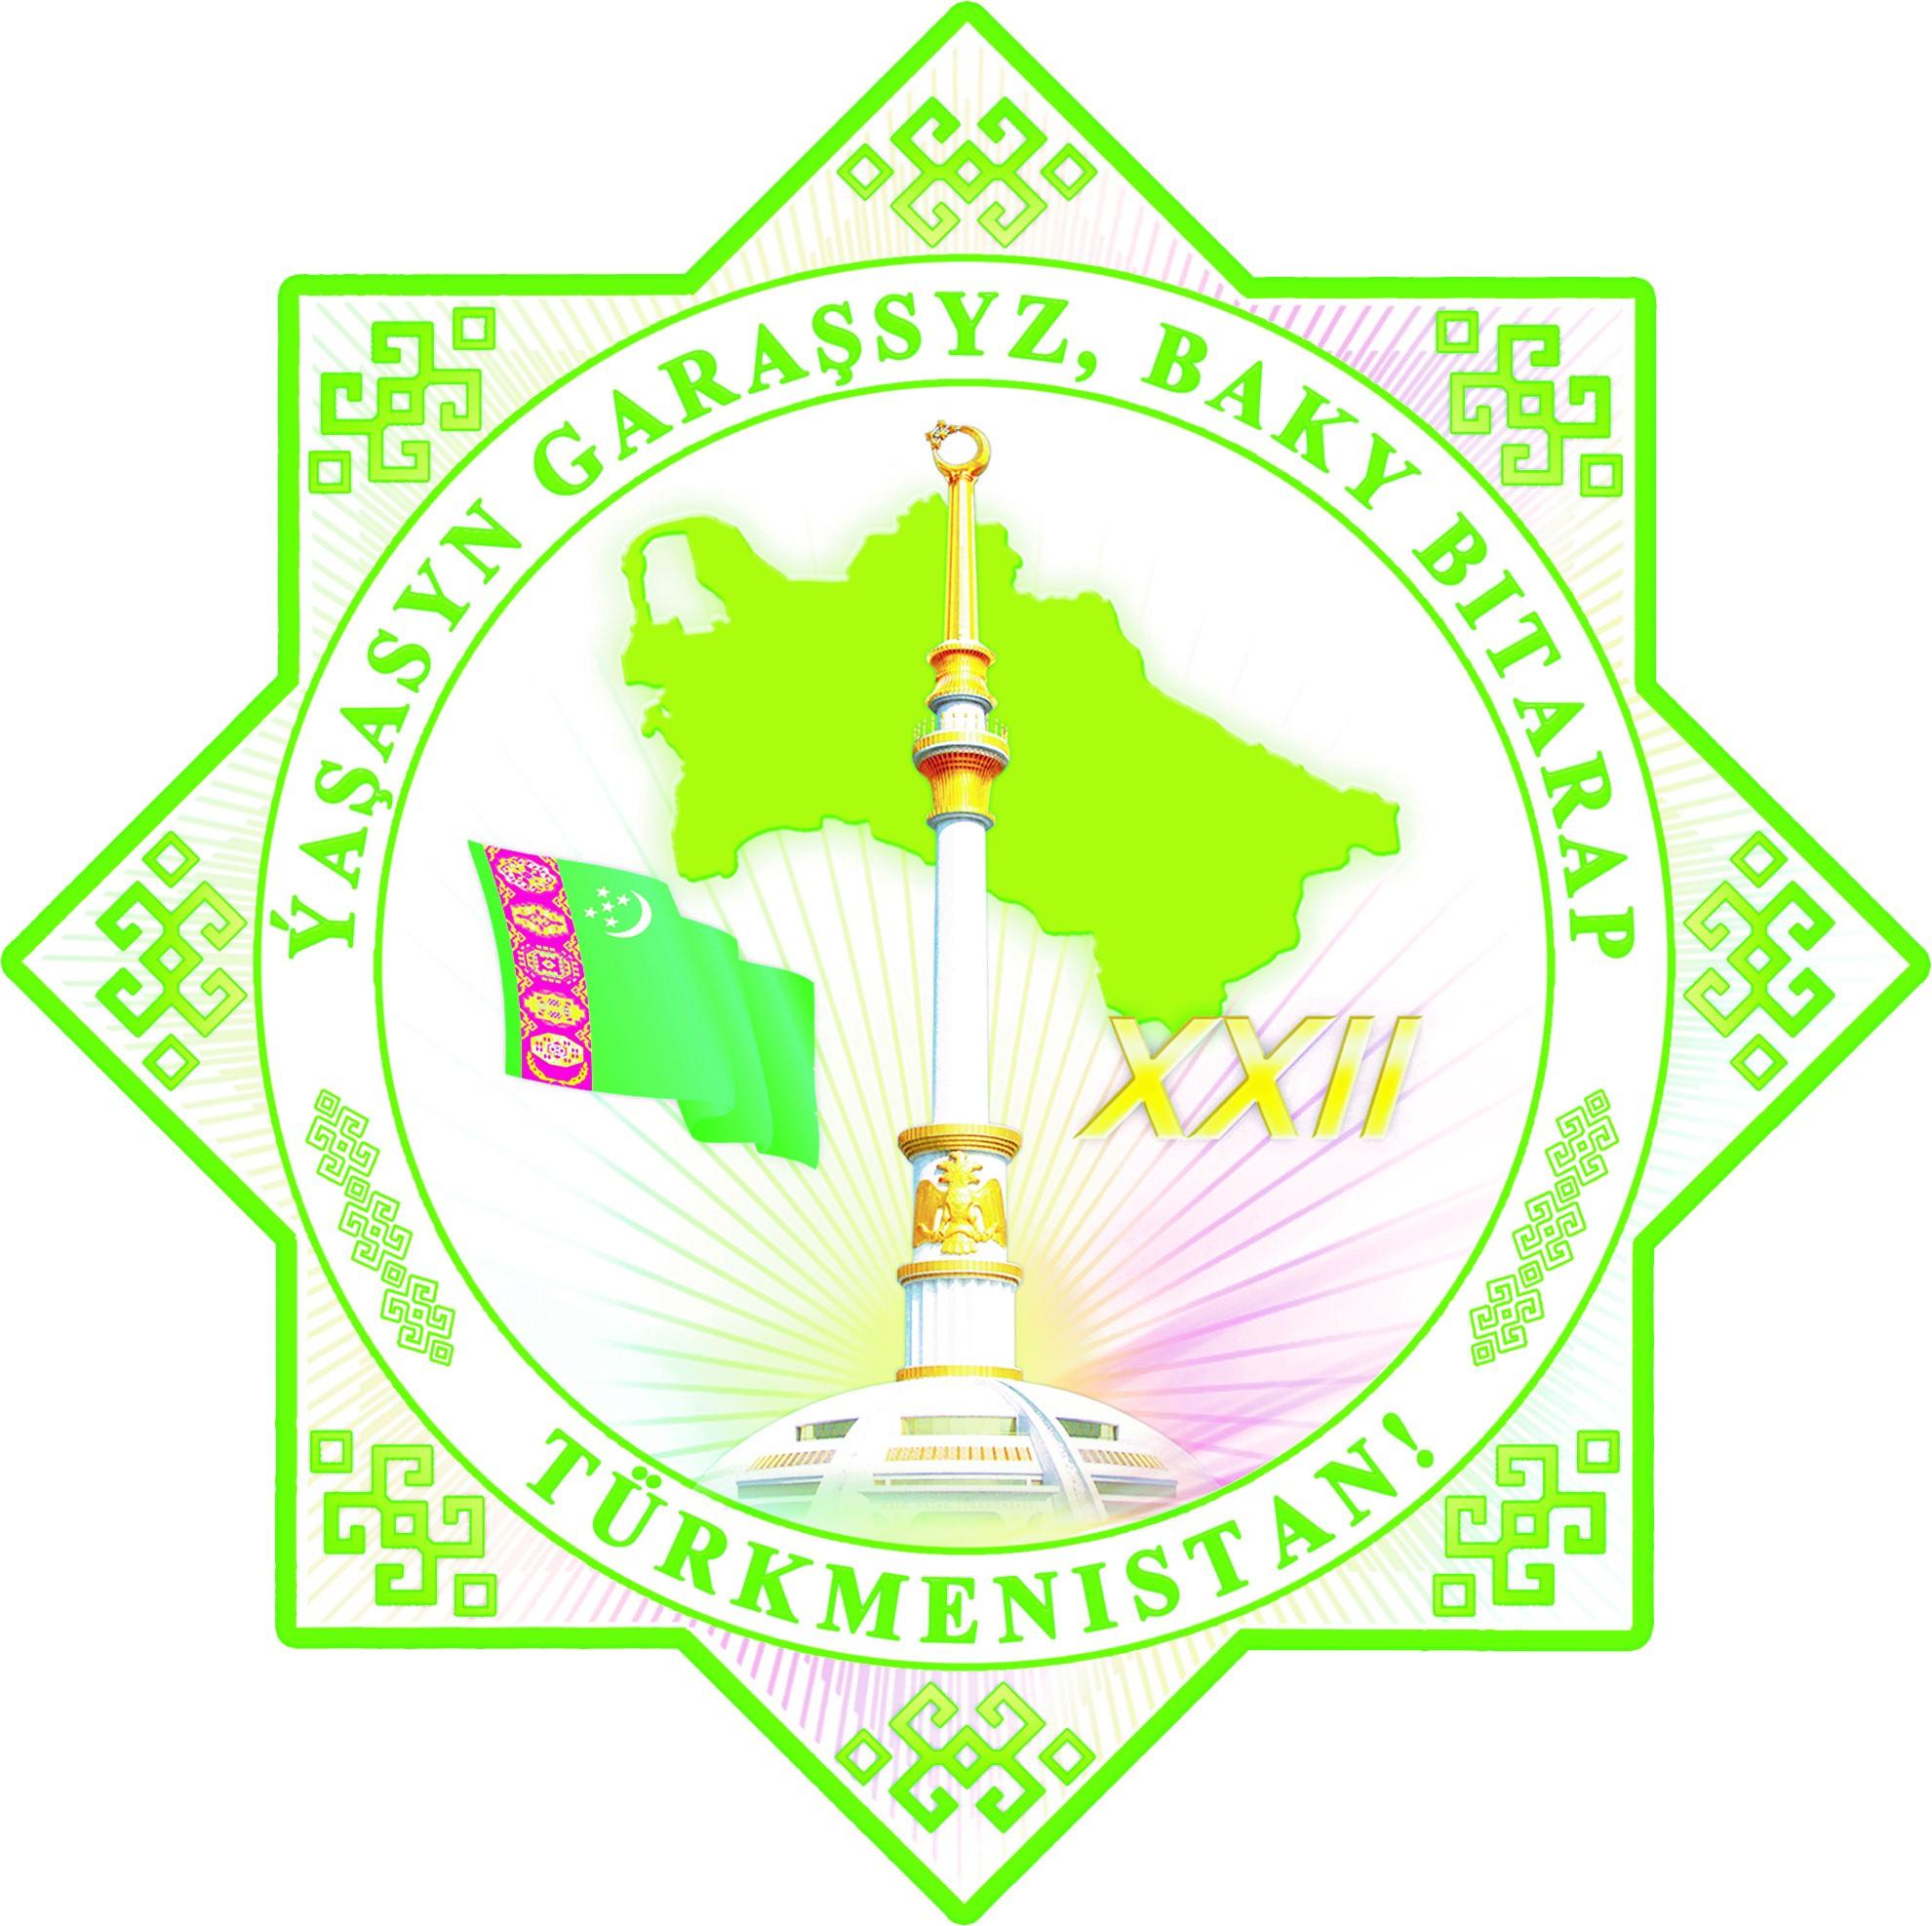 Картинки по запросу День независимости Туркменистана (туркм. Garaşsyzlyk baýramy) картинки